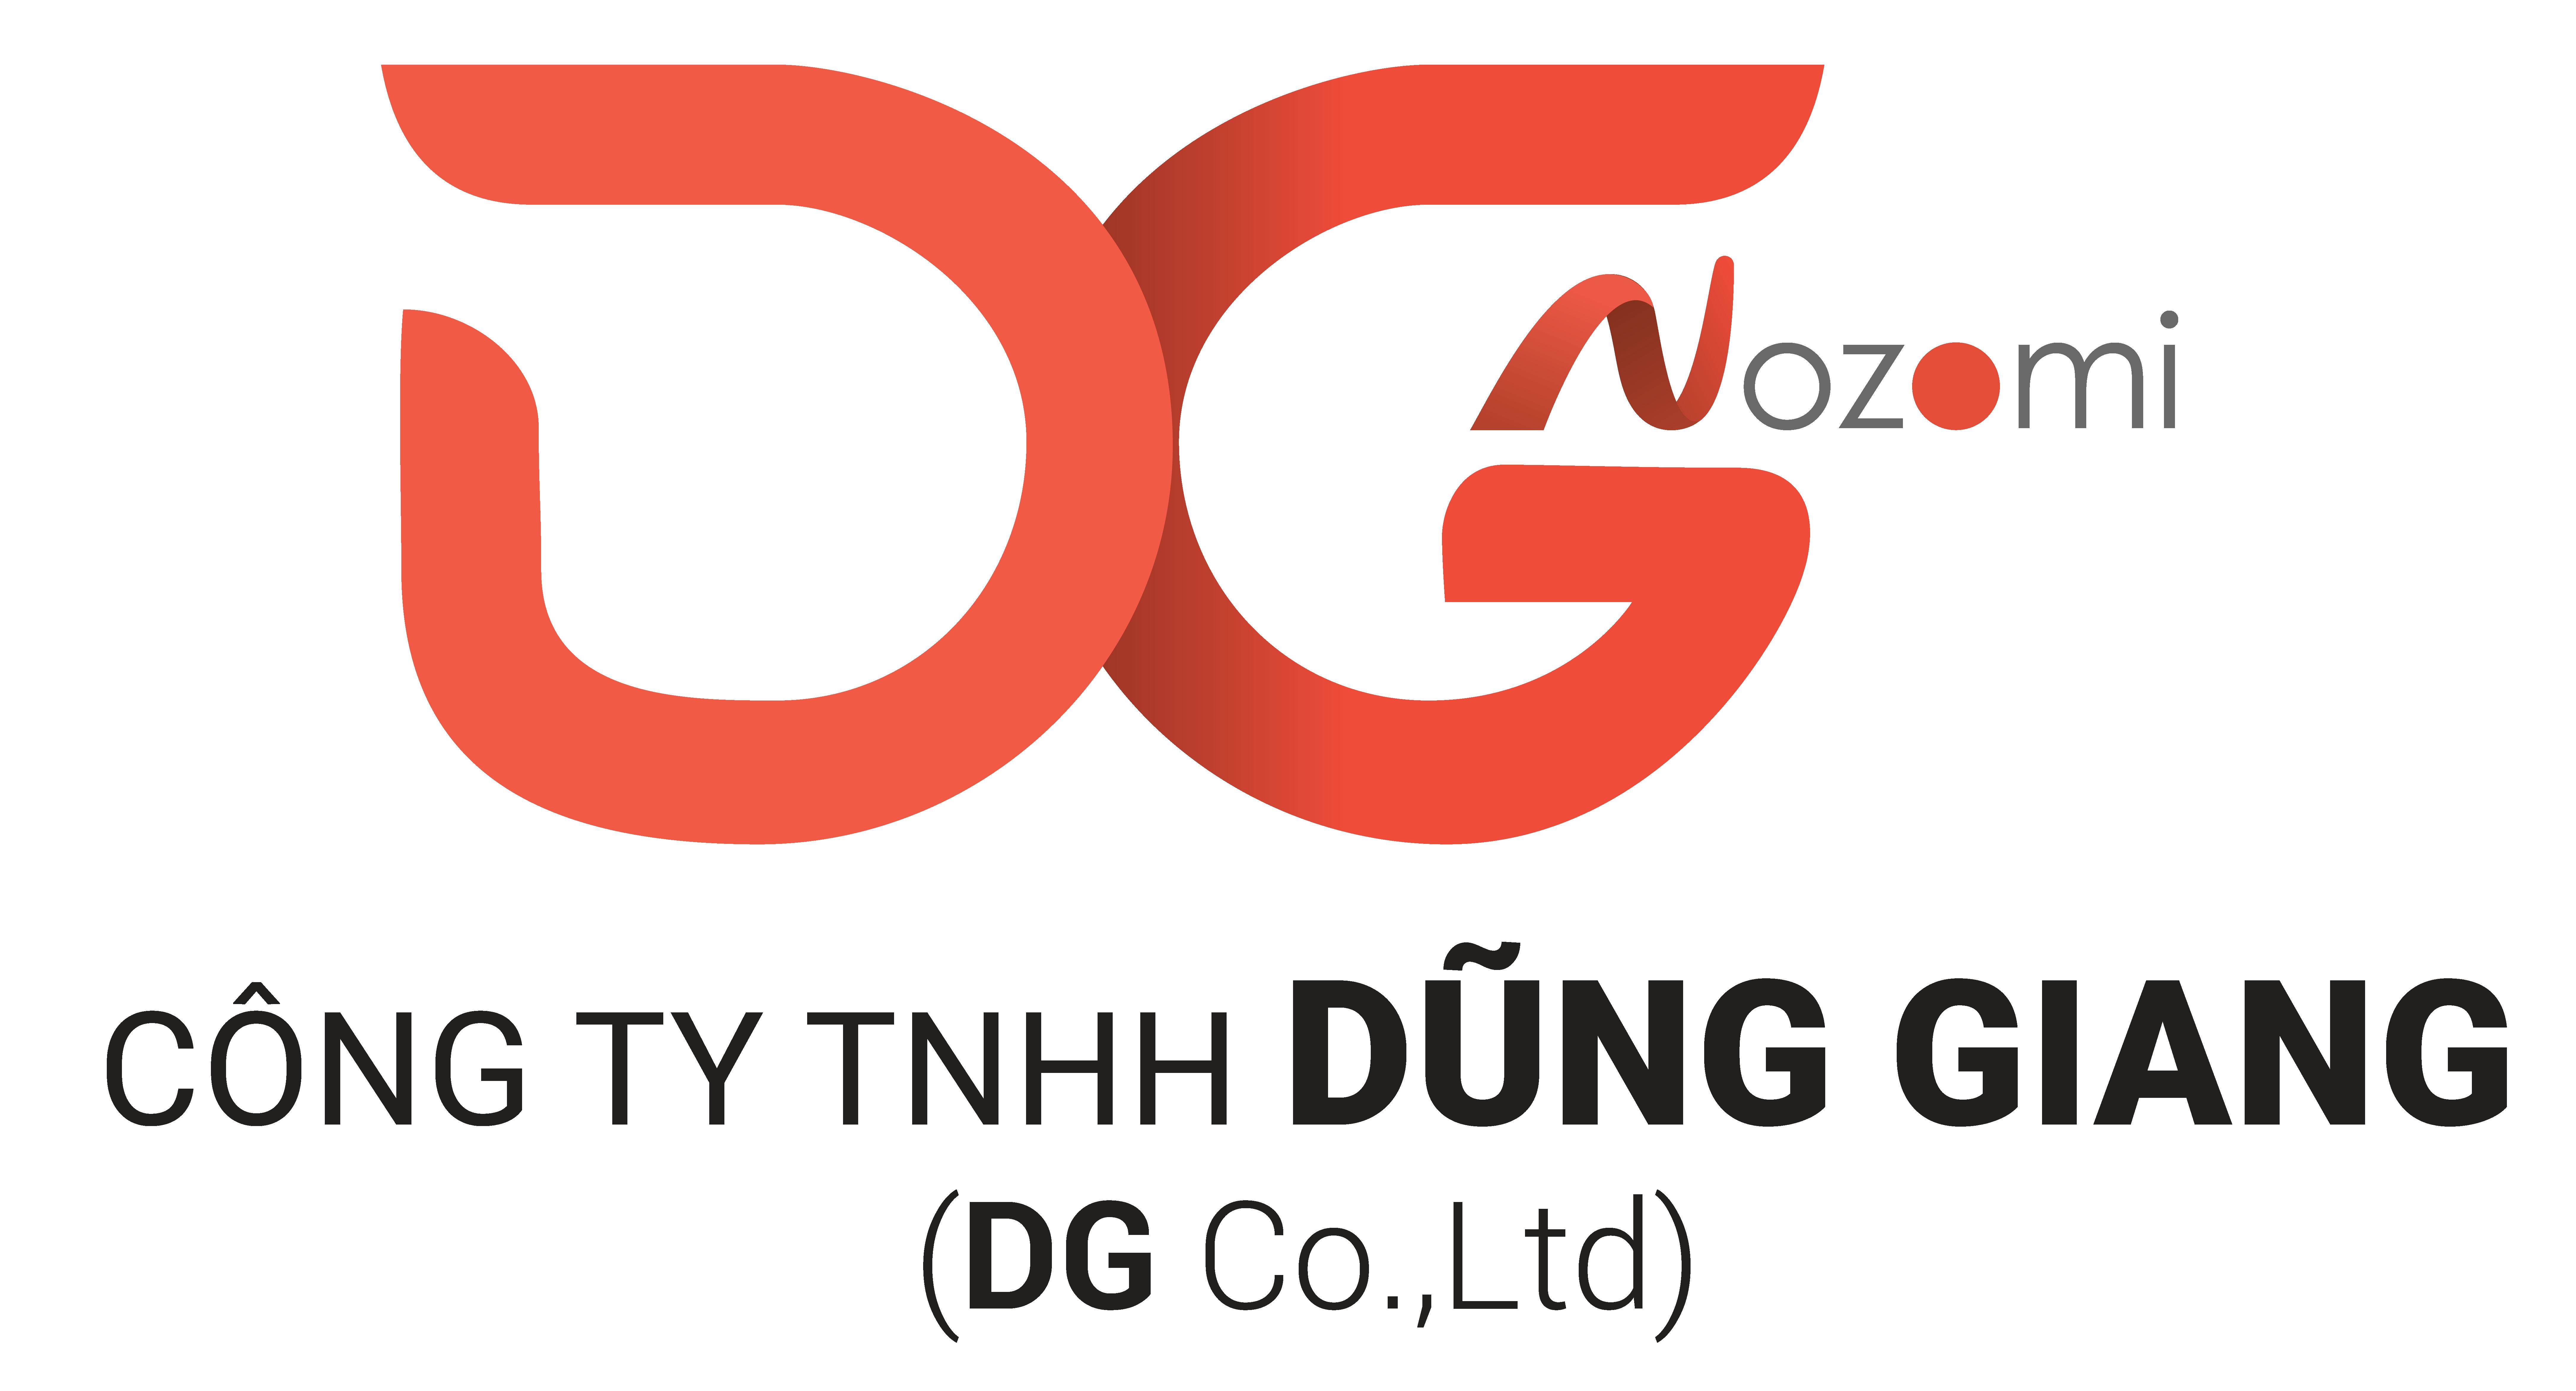 DG Nozomi